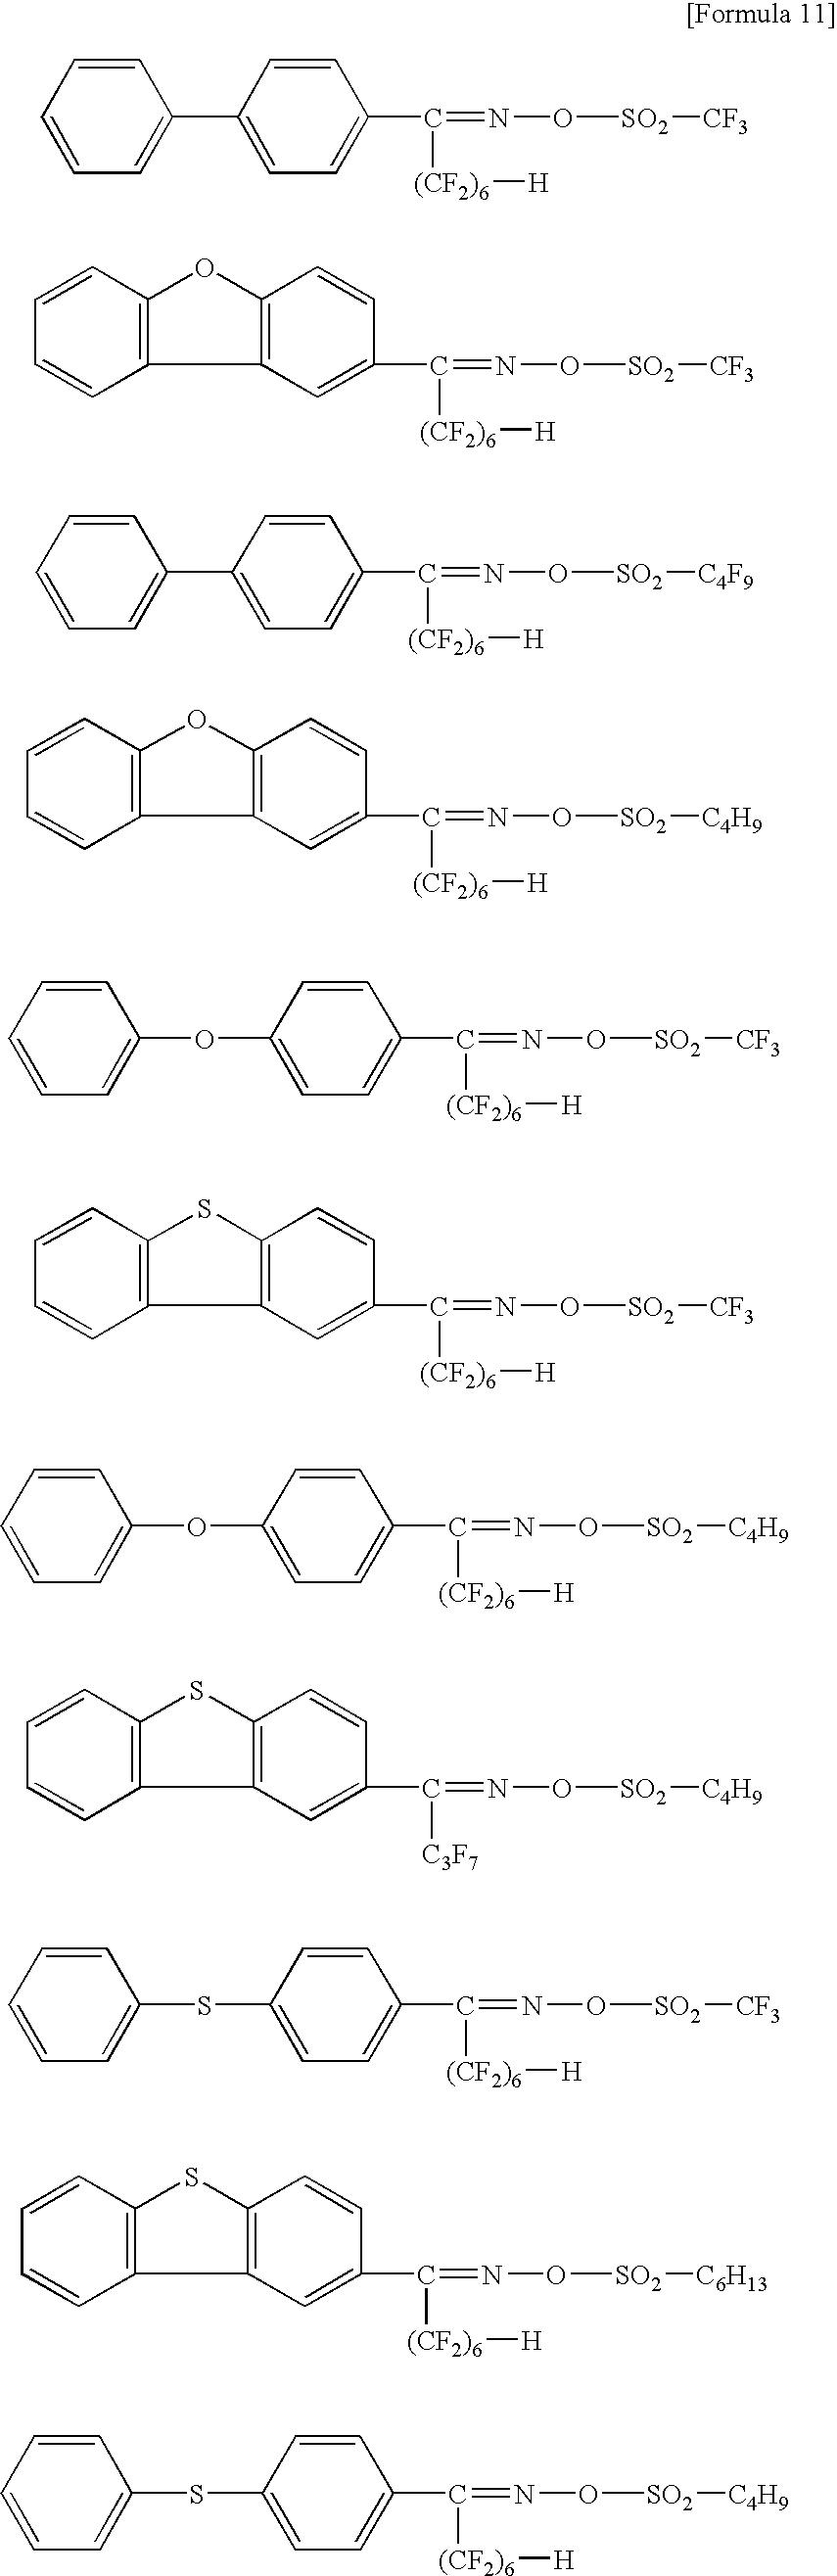 Figure US20090269693A1-20091029-C00013